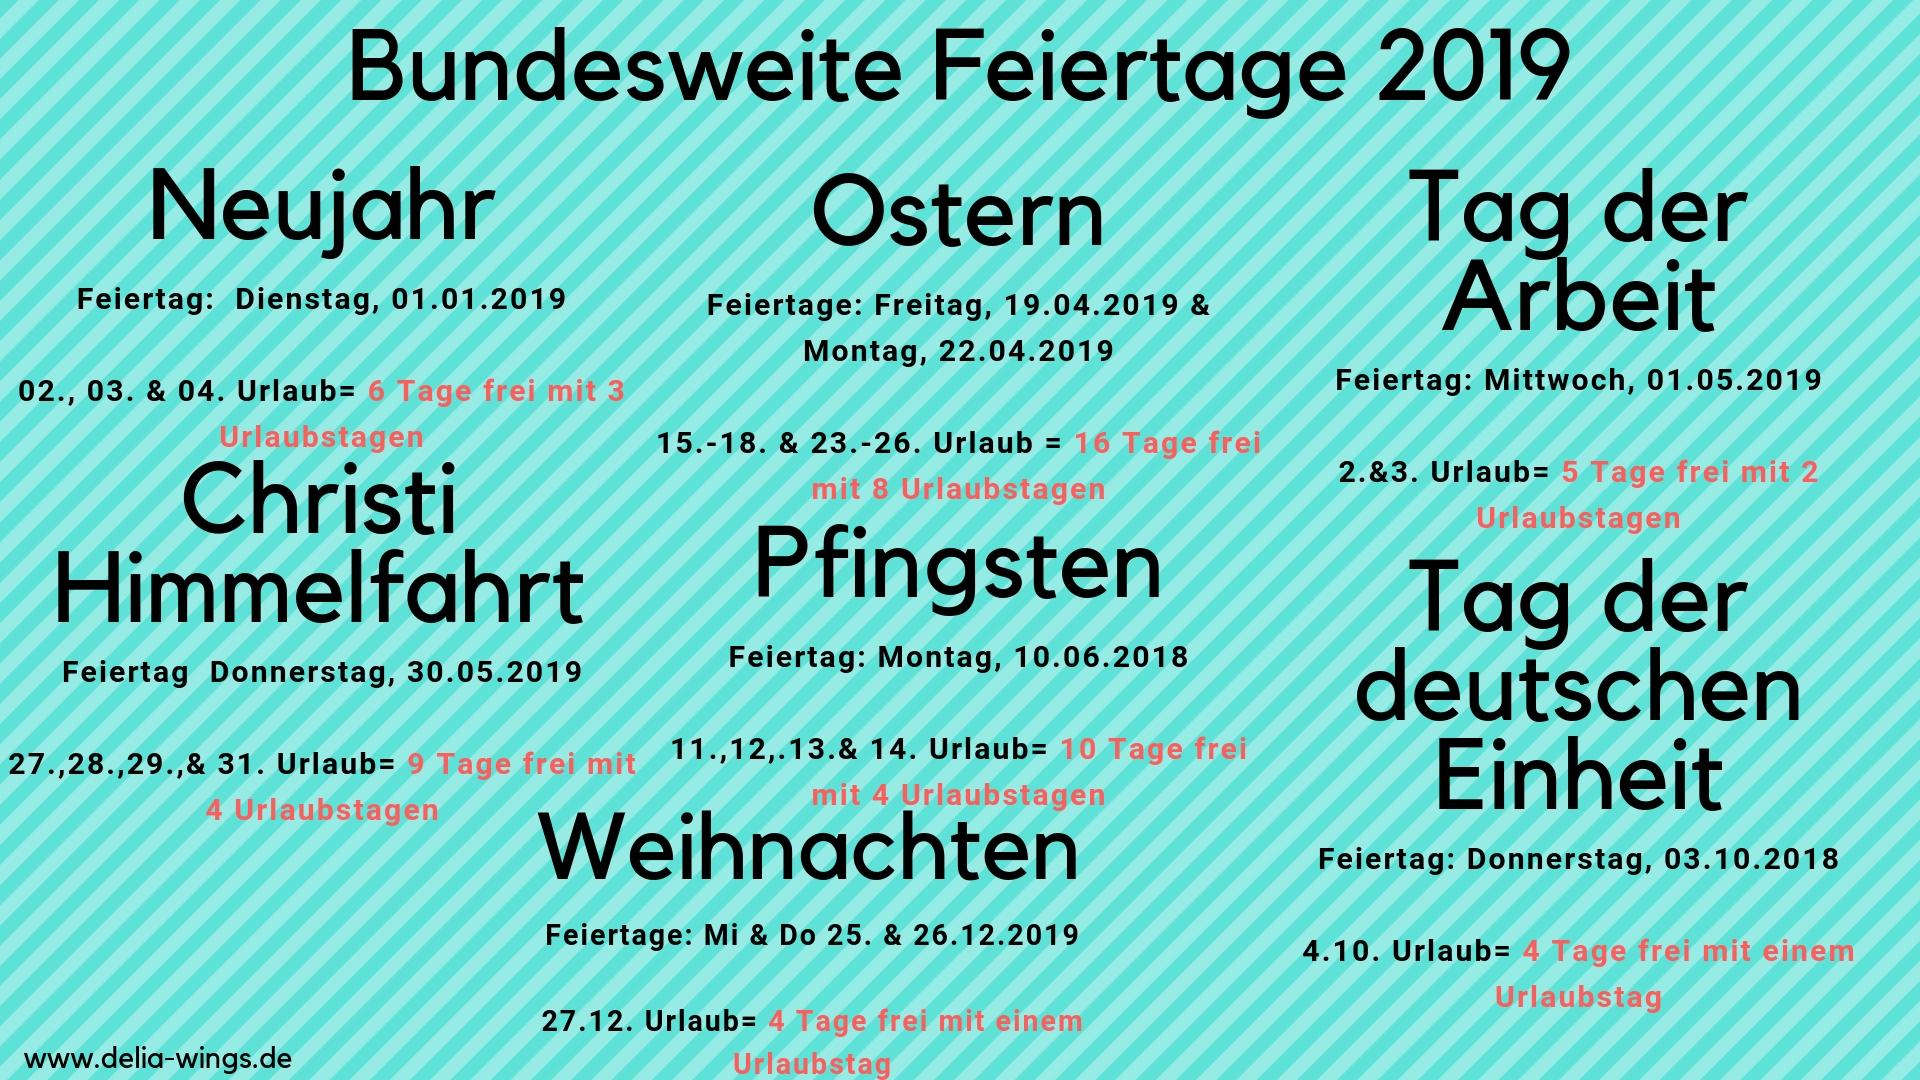 Brückentage 2019 - Nutze die Feiertage, um deine Urlaubstage zu vervielfachen!